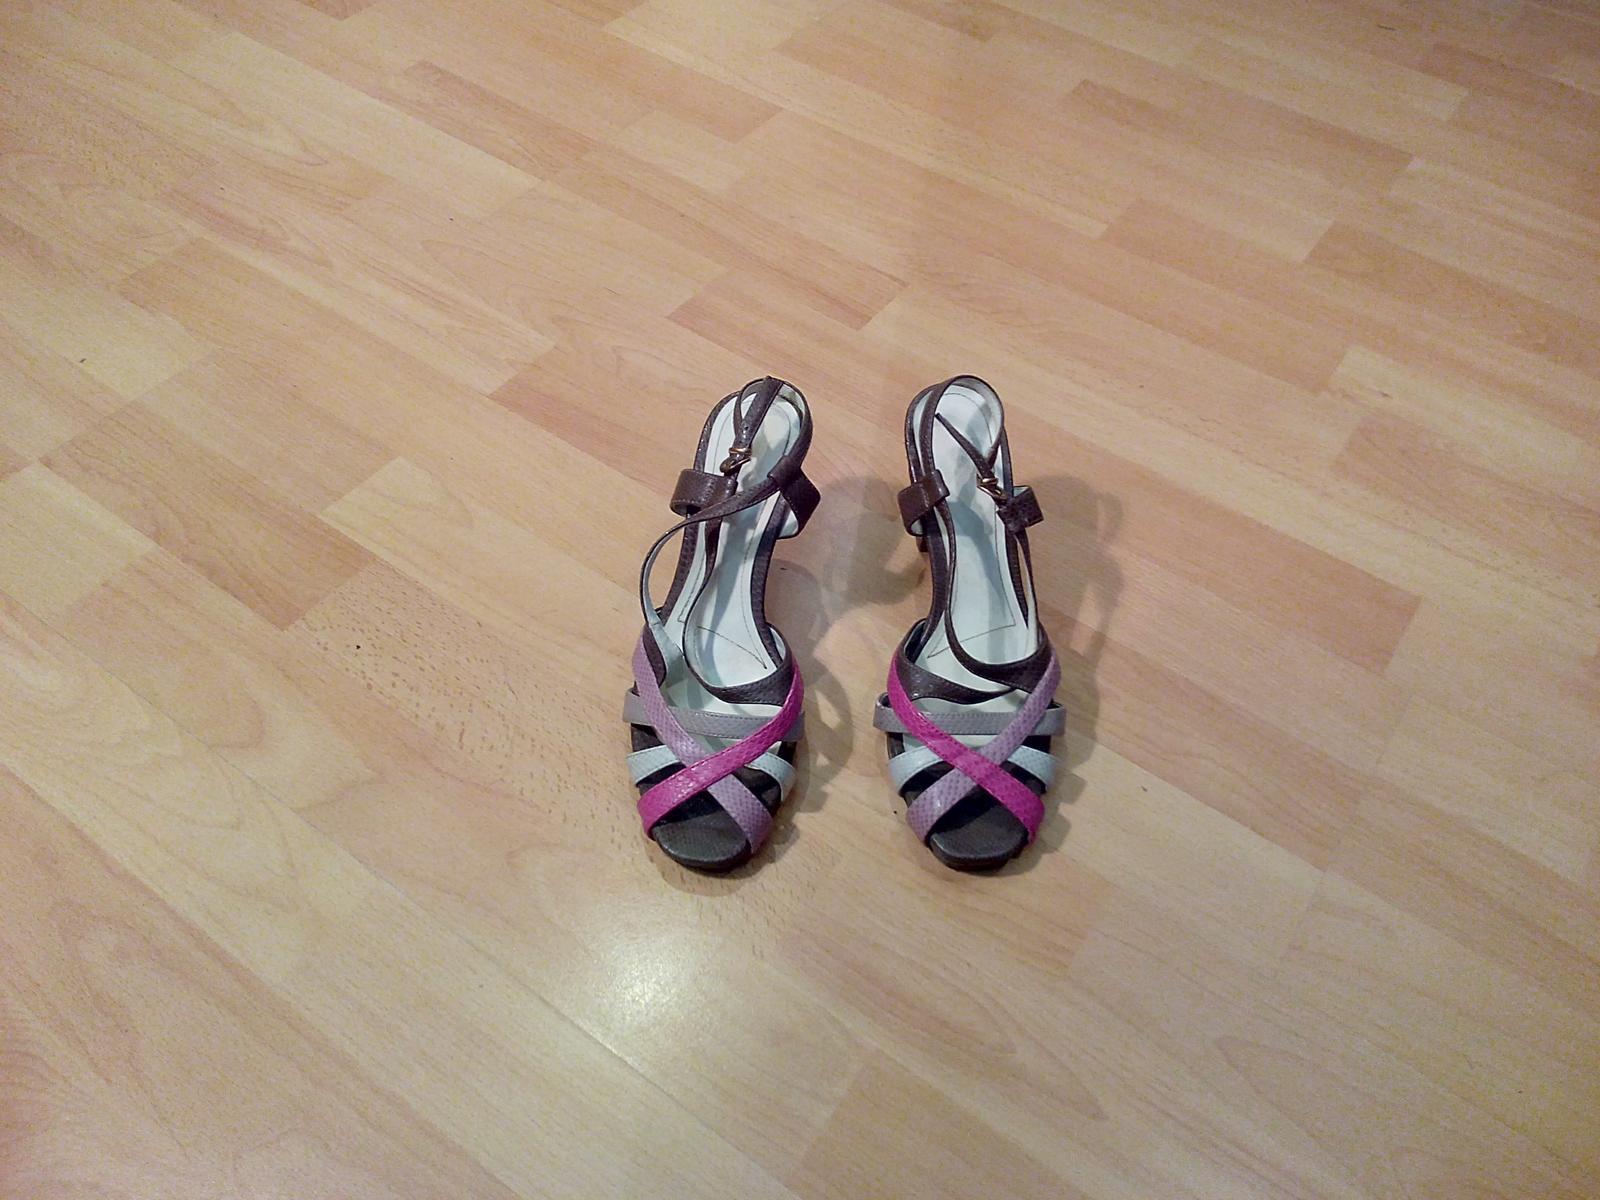 farebne sandale - Obrázok č. 1